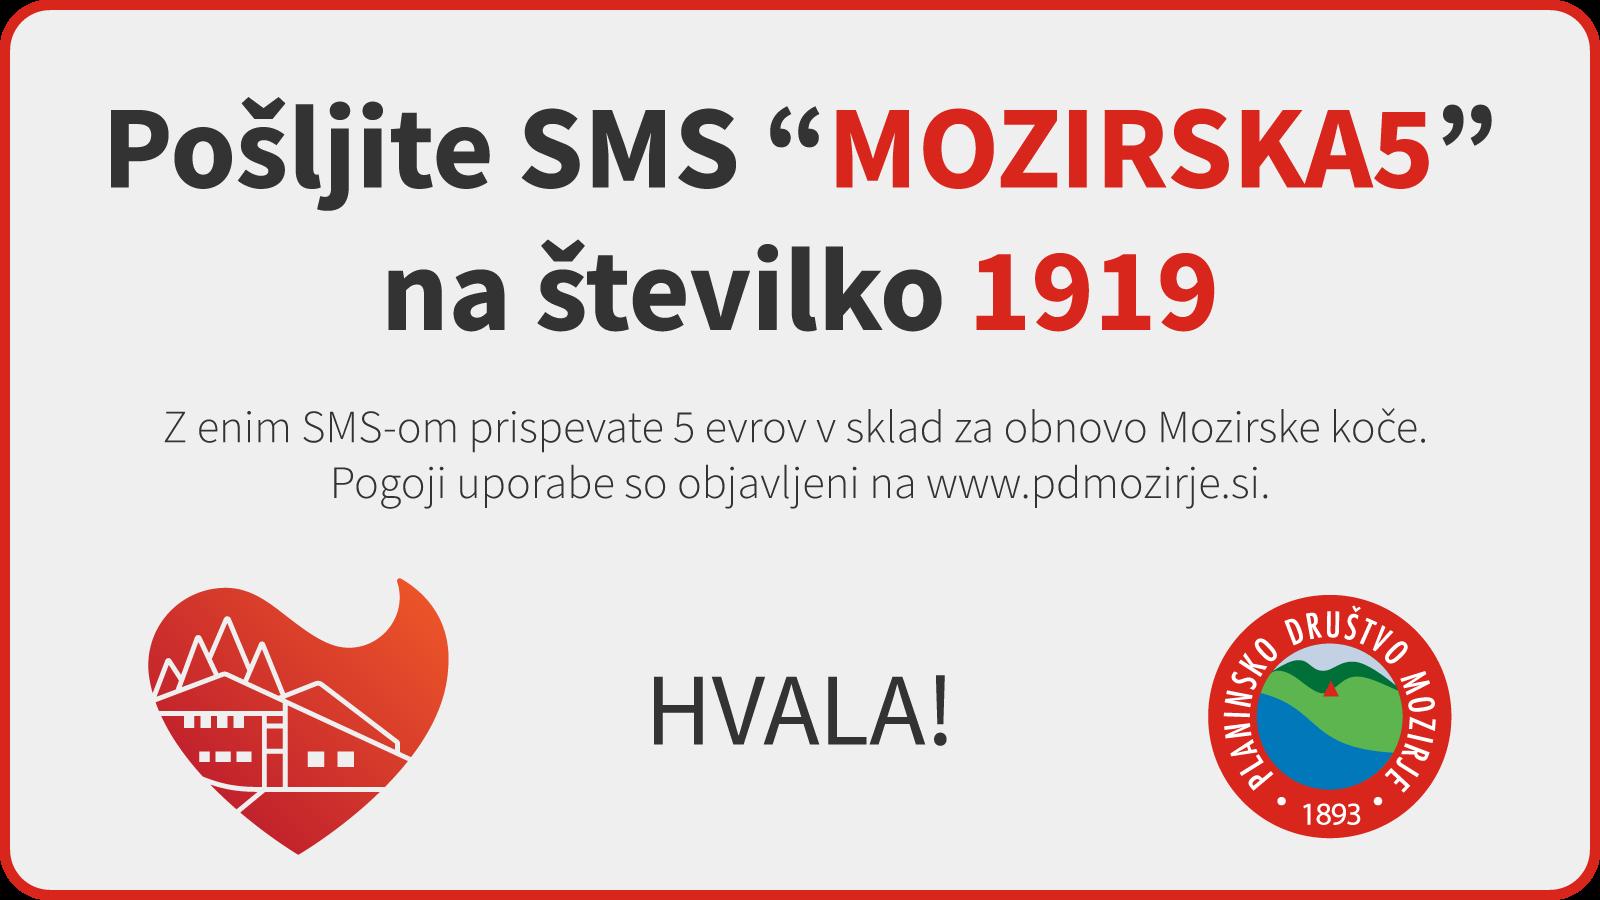 SMS-Mozirska-koca-MOZIRSKA5-1919-CTA